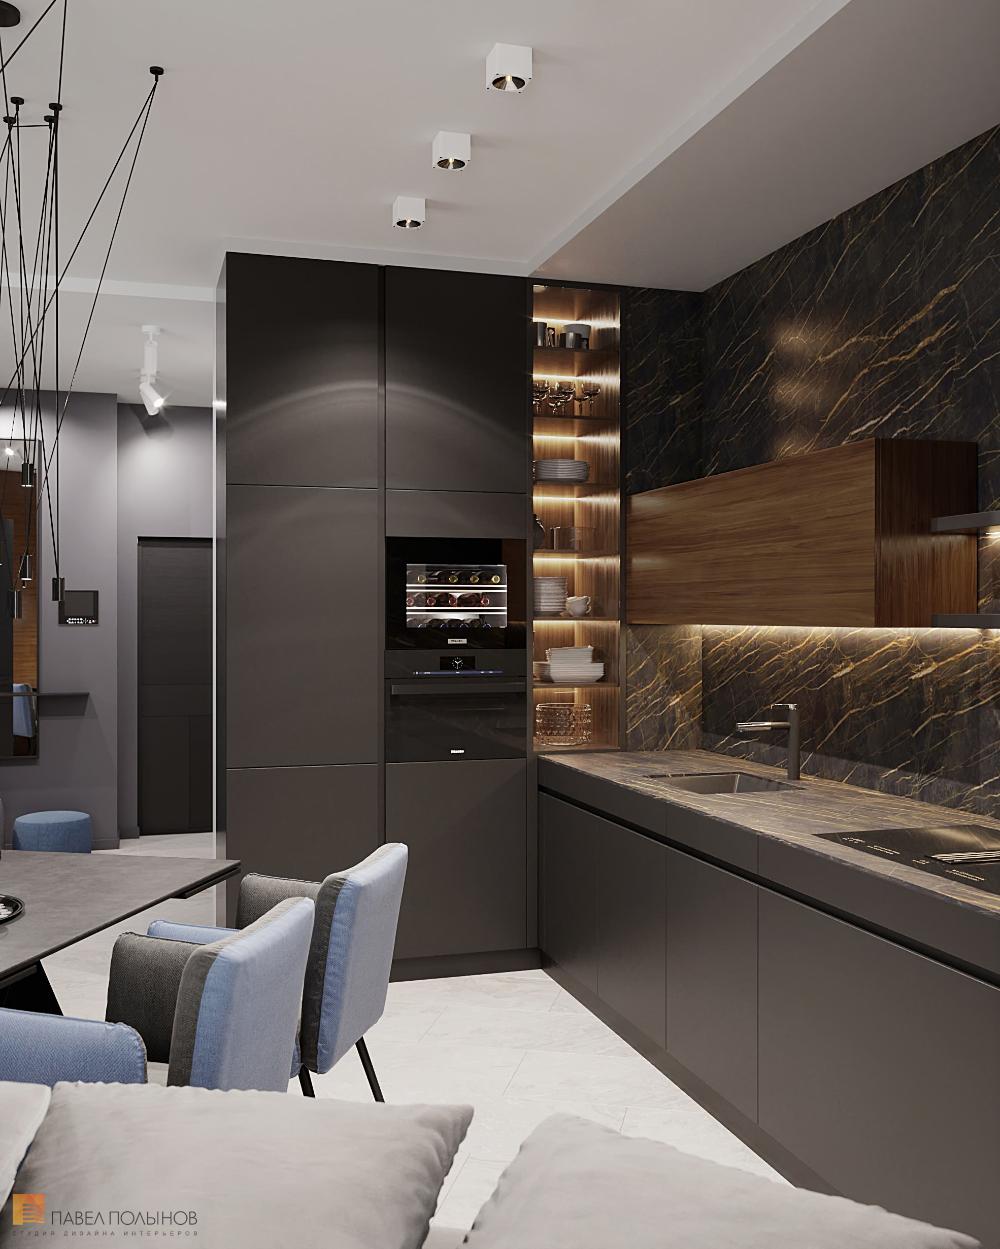 Фото: Интерьер кухни-гостиной - Интерьер квартиры